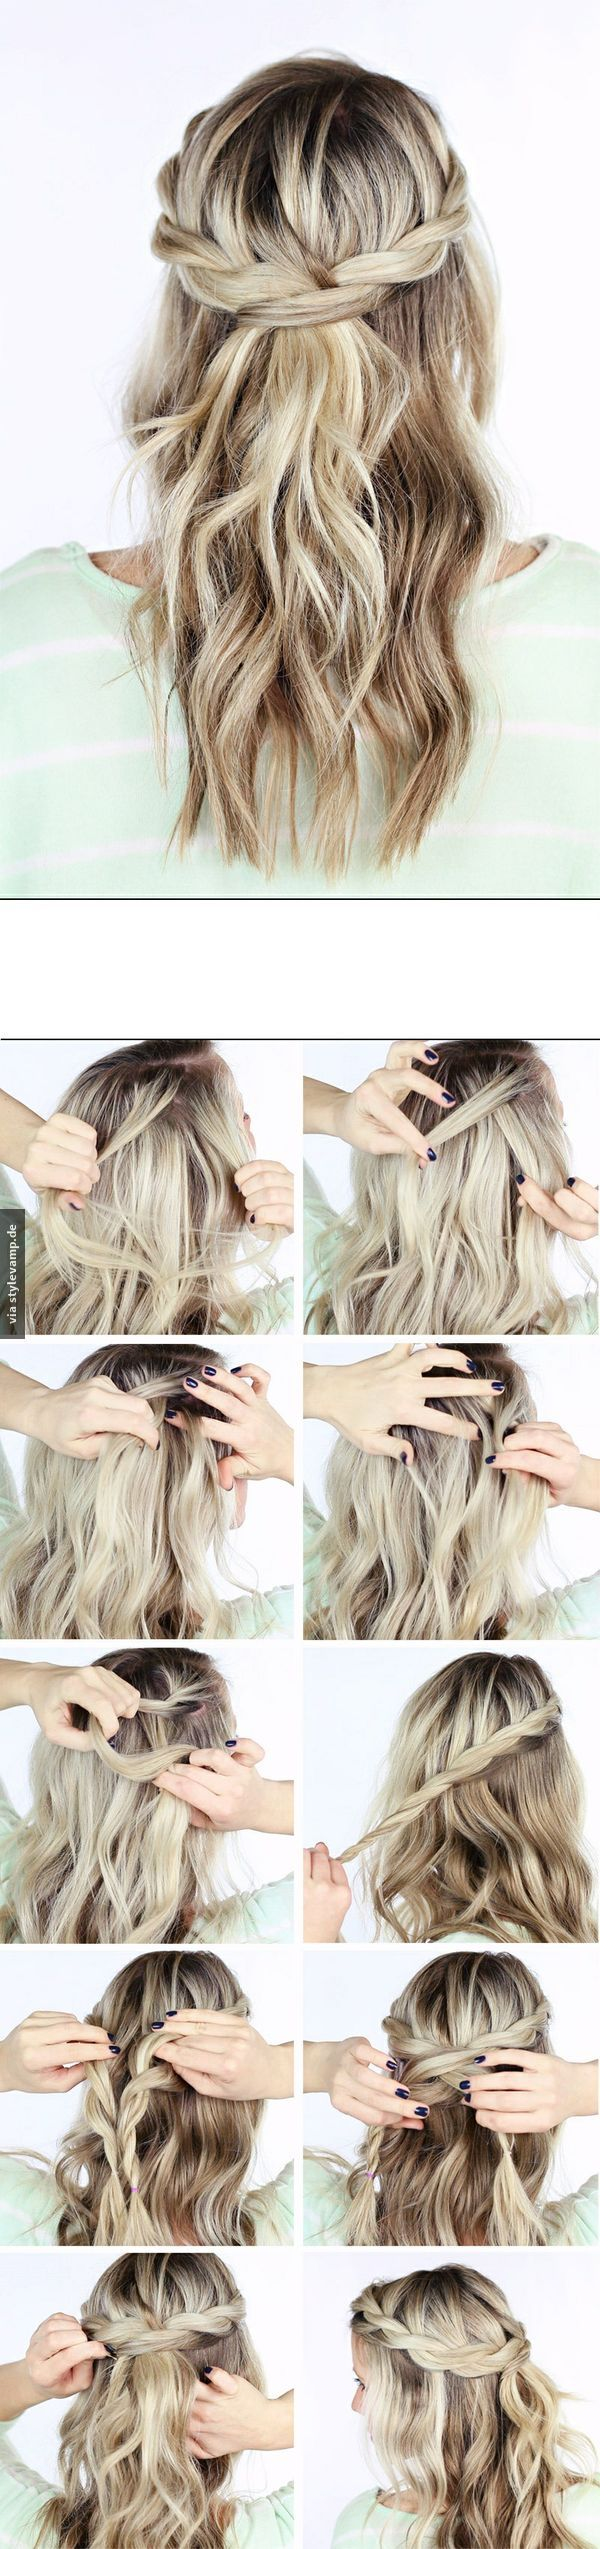 Elegante und lässige Frisur                                                                                                                                                                                 Mehr